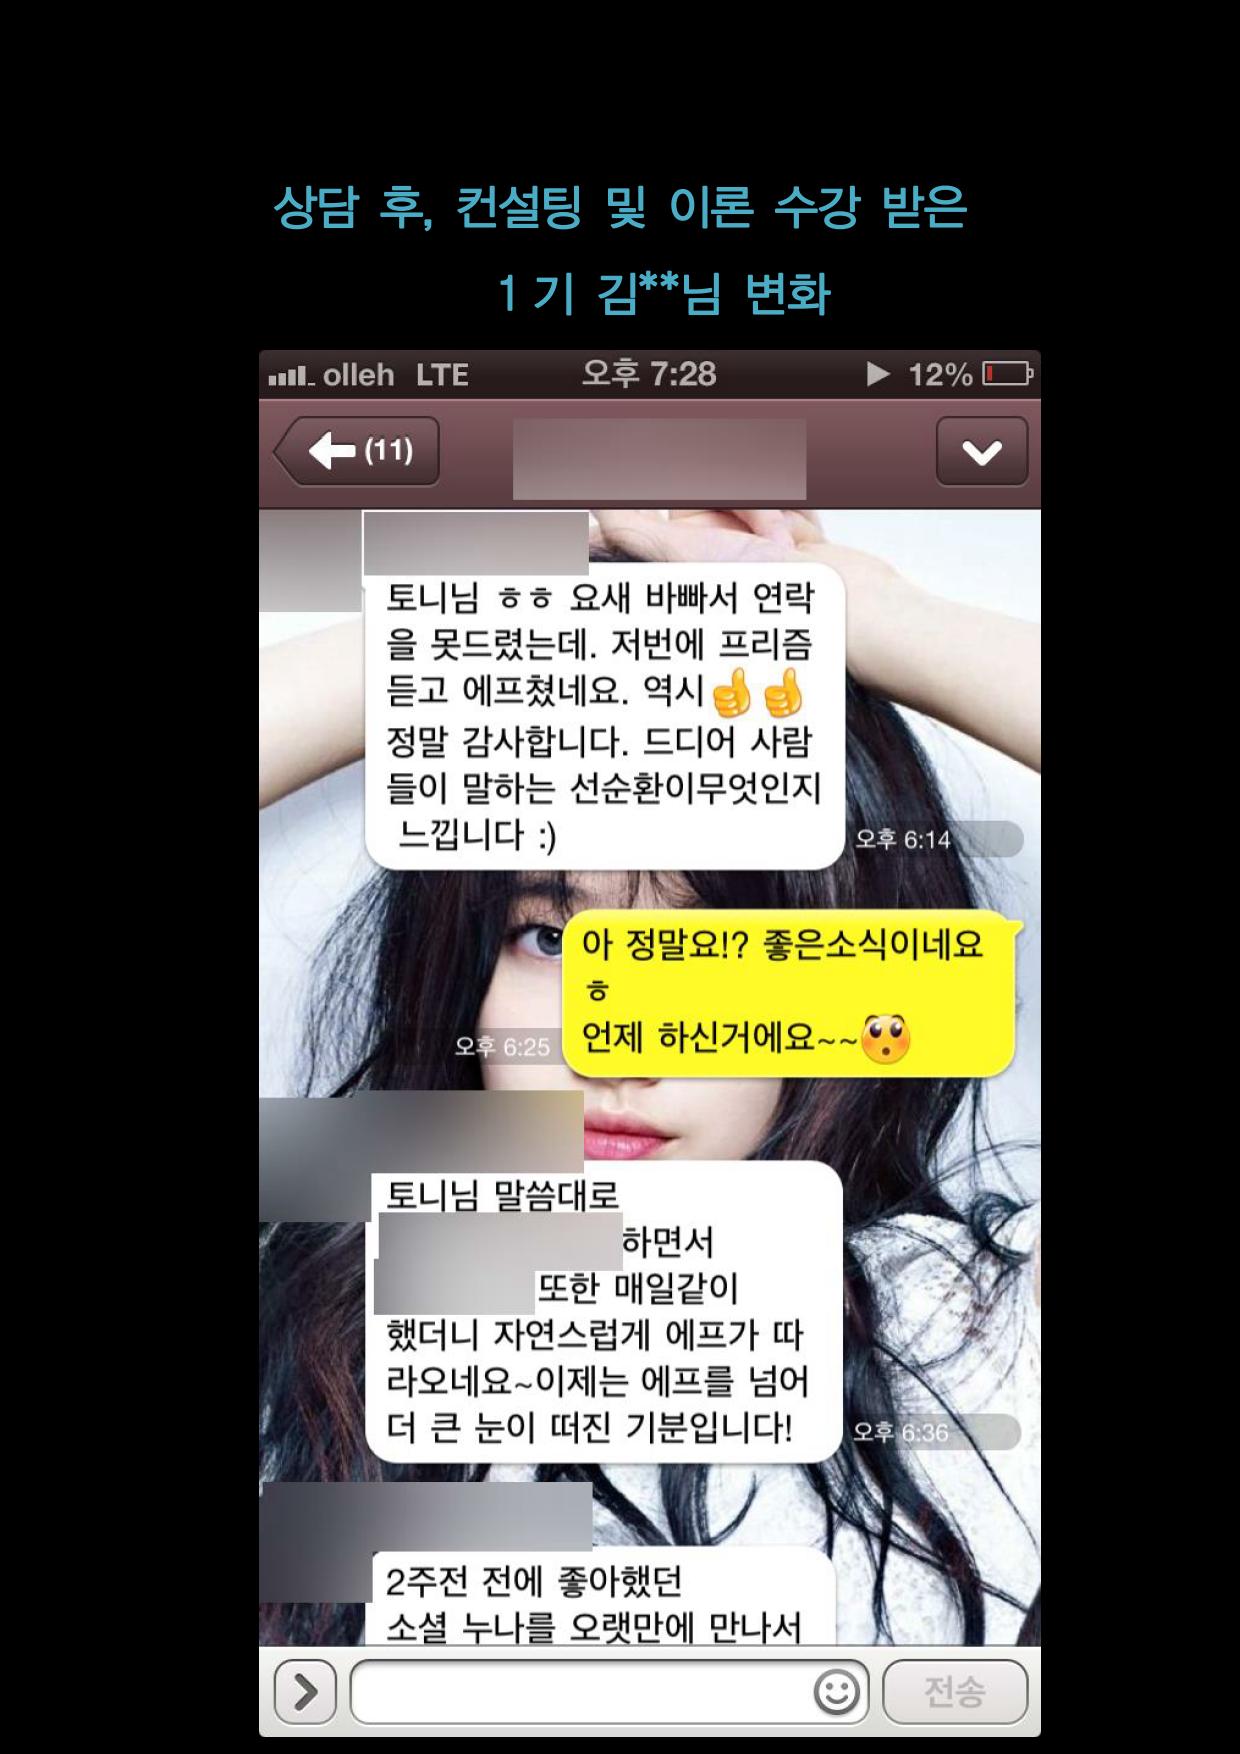 본 머티리어 1회차 홍보글 v3(수강후기 따로 편집요함)_26.png